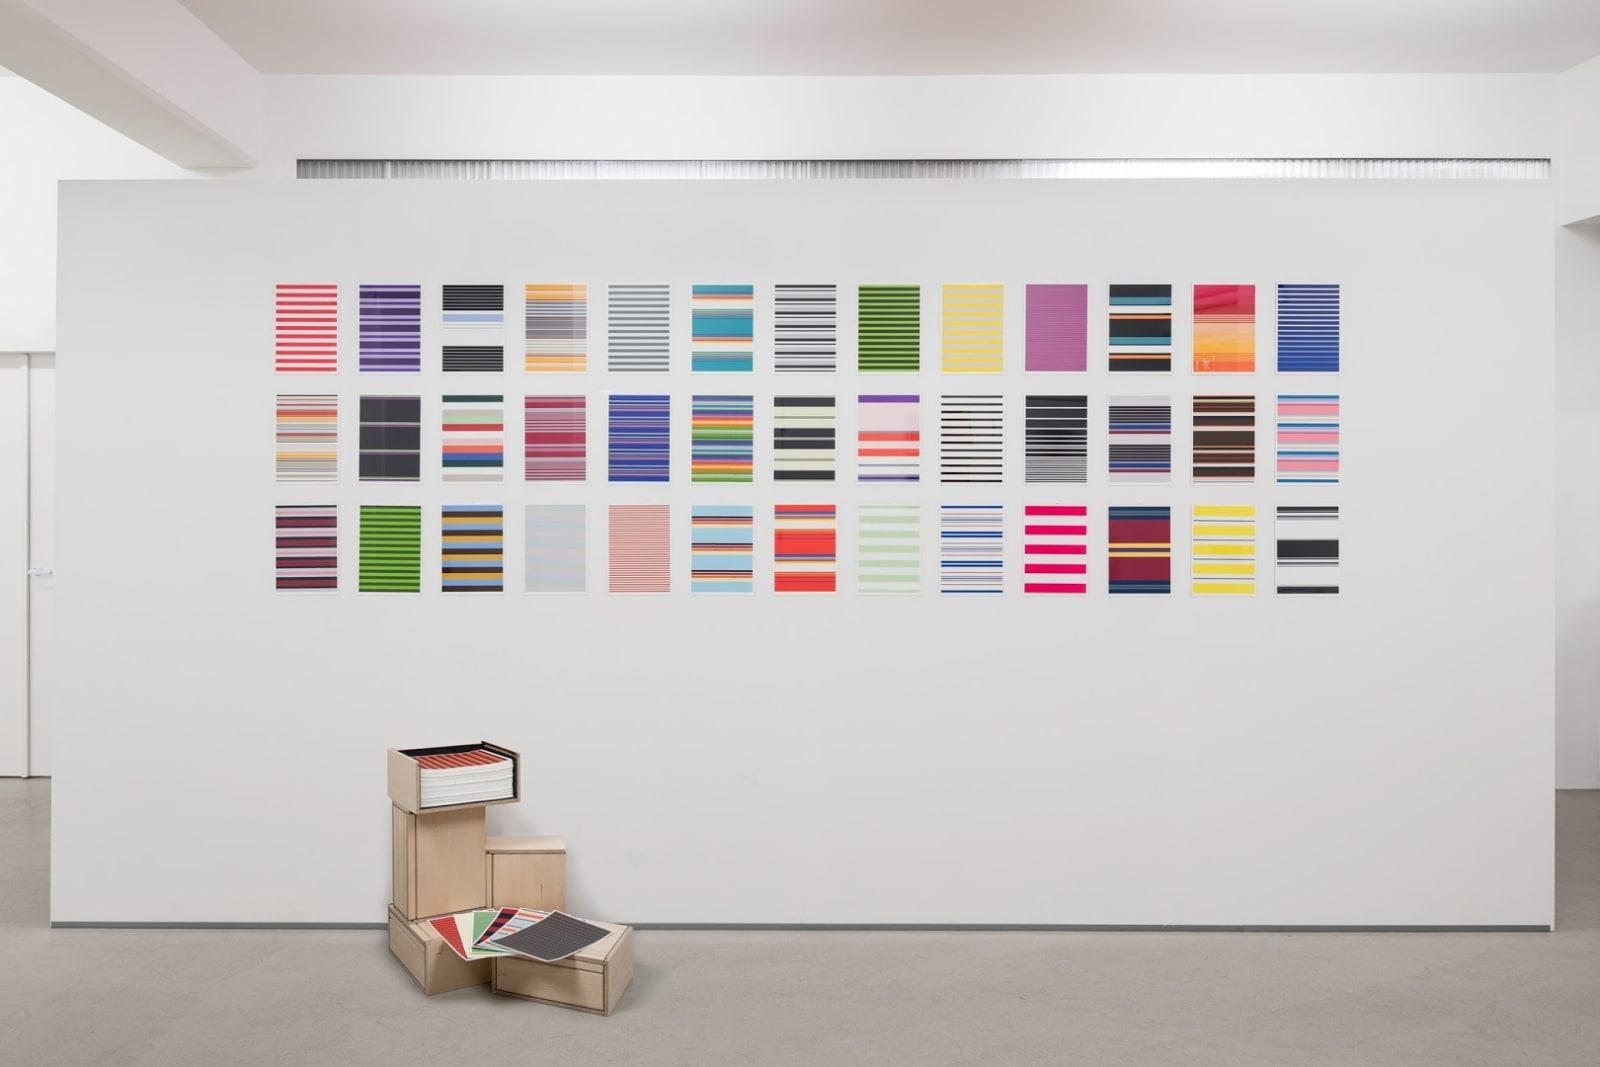 Jacob Dahlgren Installations view, Andréhn-Schiptjenko, Stockholm, Sweden, 2013